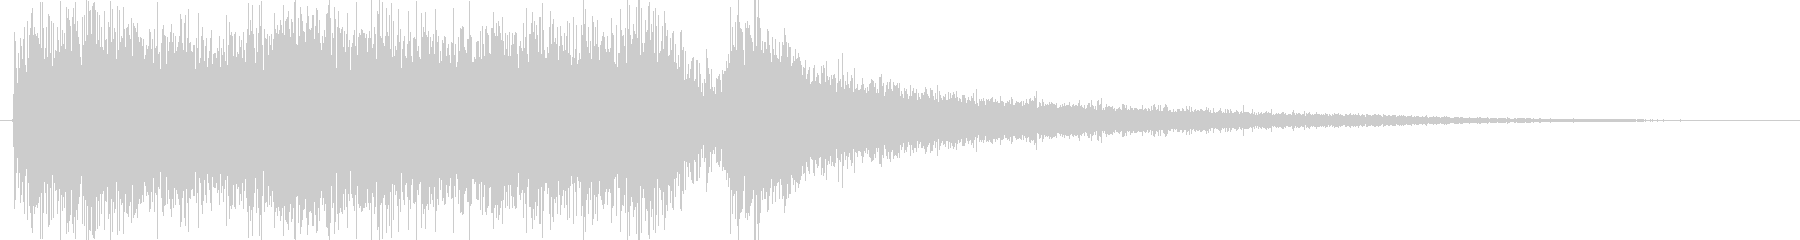 クラシックなイベントロスト曲4の未再生の波形